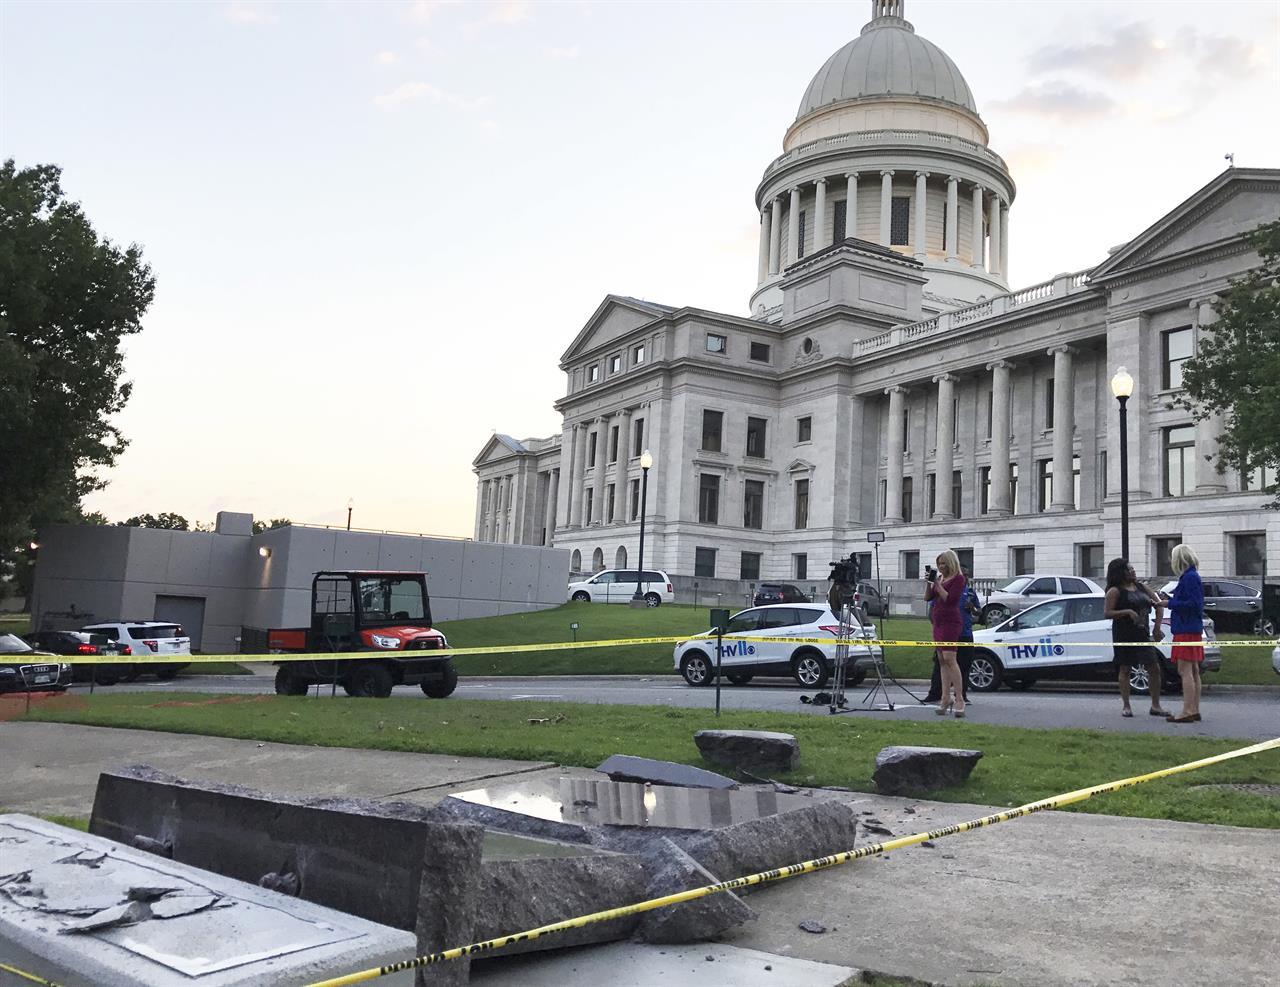 上图:许多人不喜欢十诫。2017年6月,一名男子声称自己在幻觉中听到来历不明的声音,所以在网络直播中开车撞毁了美国阿肯色州议会大楼外刚立好不到一天的十诫石碑。2014年10月,这人还撞毁了奥克拉荷马州议会大楼外的十诫石碑。阿肯色州议会大楼外的石碑也遭到美国公民自由联盟(ACLU)和撒但圣殿(The Satanic Temple)组织的反对。